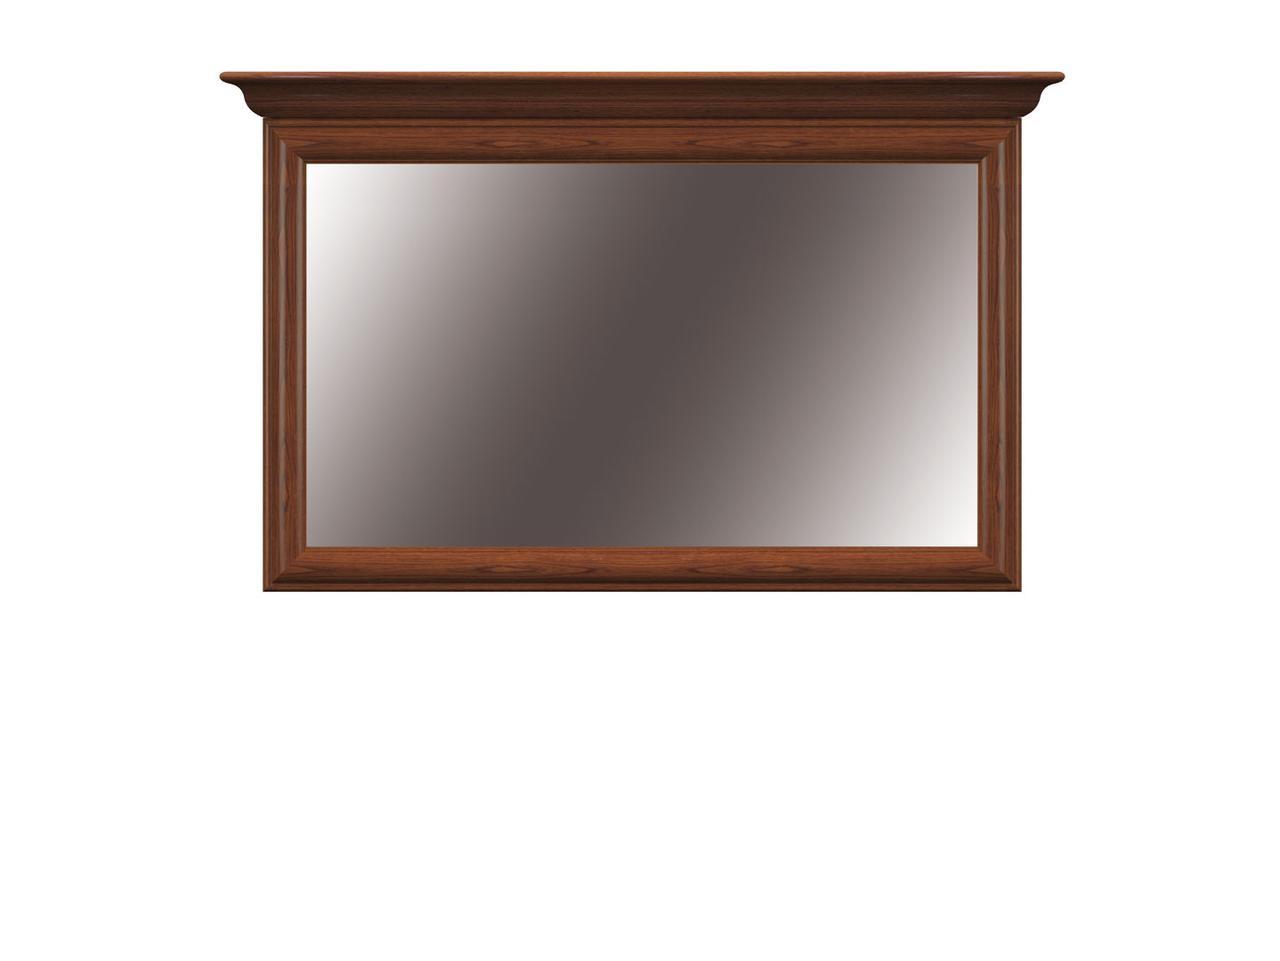 Зеркало в раме (Kentaki LUS90), коллекции Кентаки, Каштан, БРВ Брест (Беларусь)